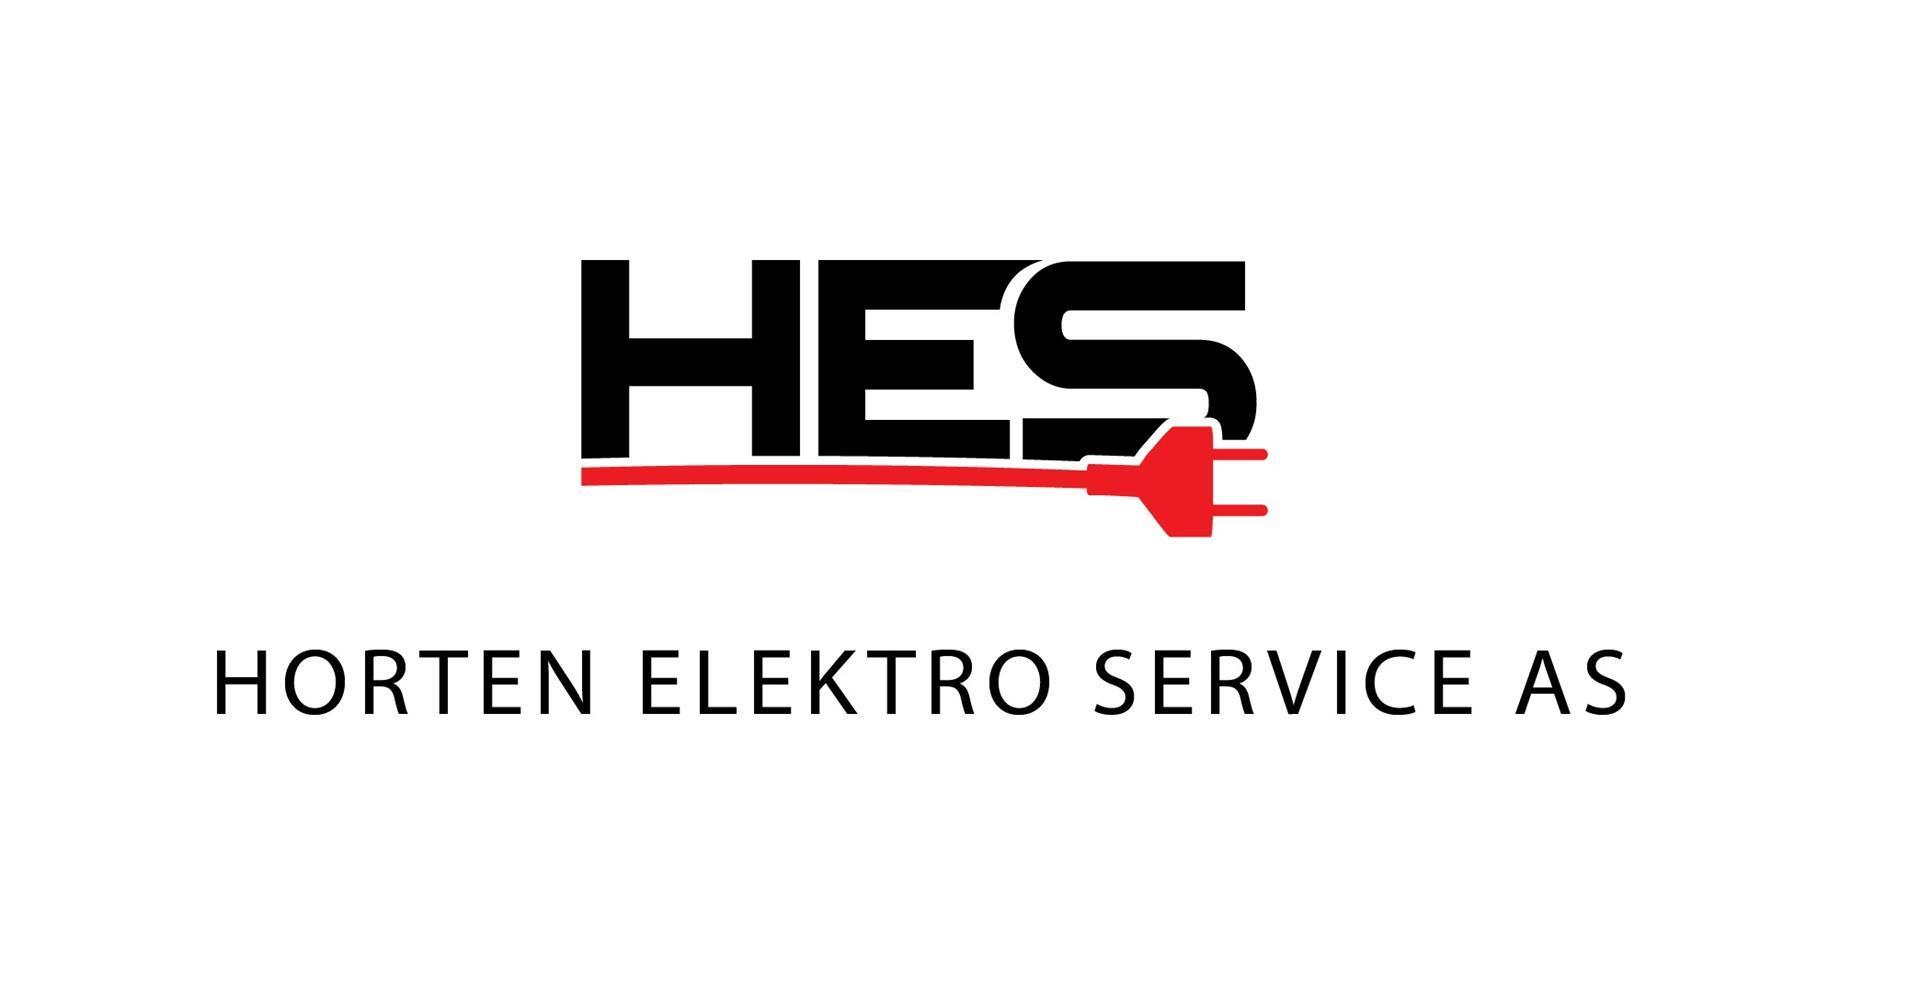 Horten Elektro Service AS